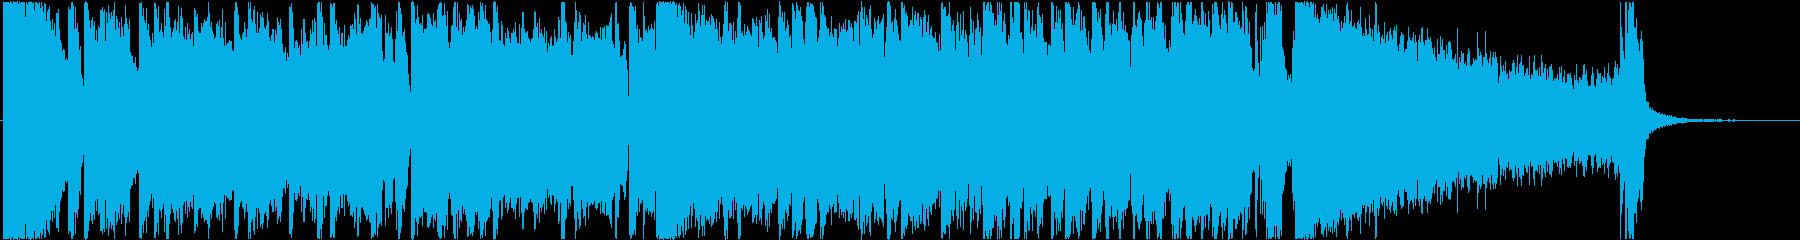 ダラダラしたブルースの再生済みの波形